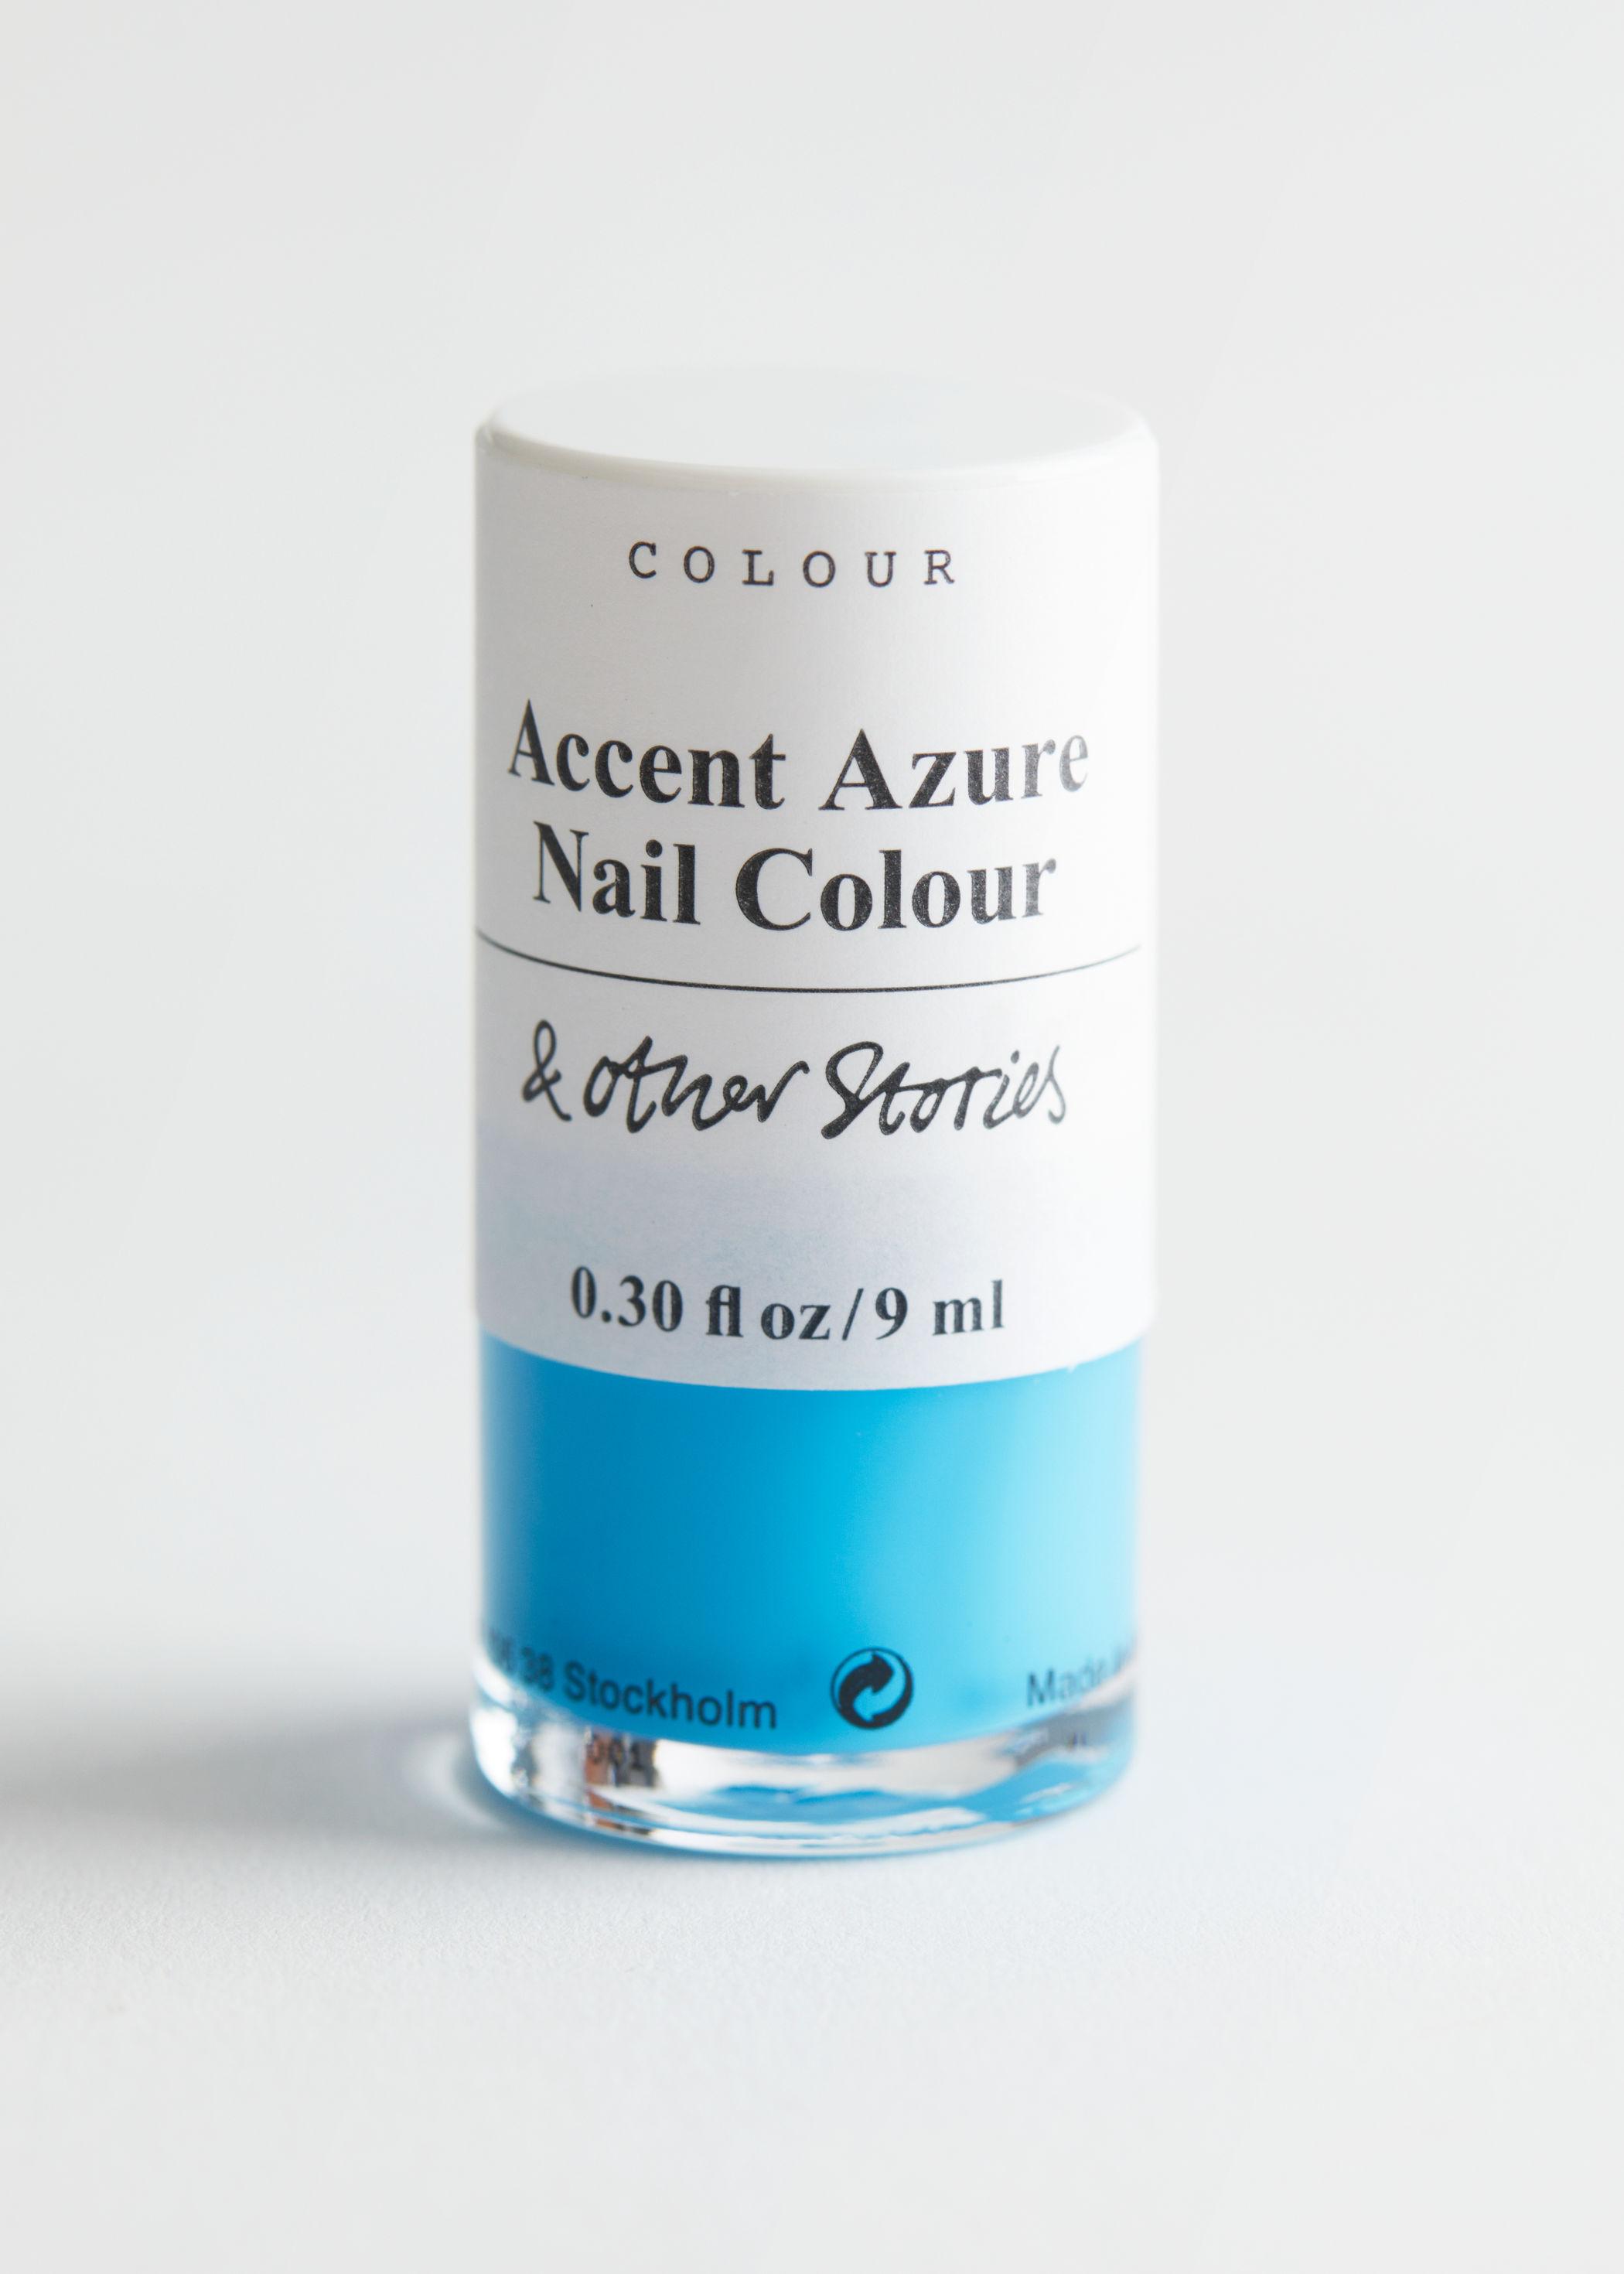 앤 아더 스토리즈 '악센트 아주어' 네일 폴리시 매니큐어 (9ml) & OTHER STORIES Accent Azure Nail Polish